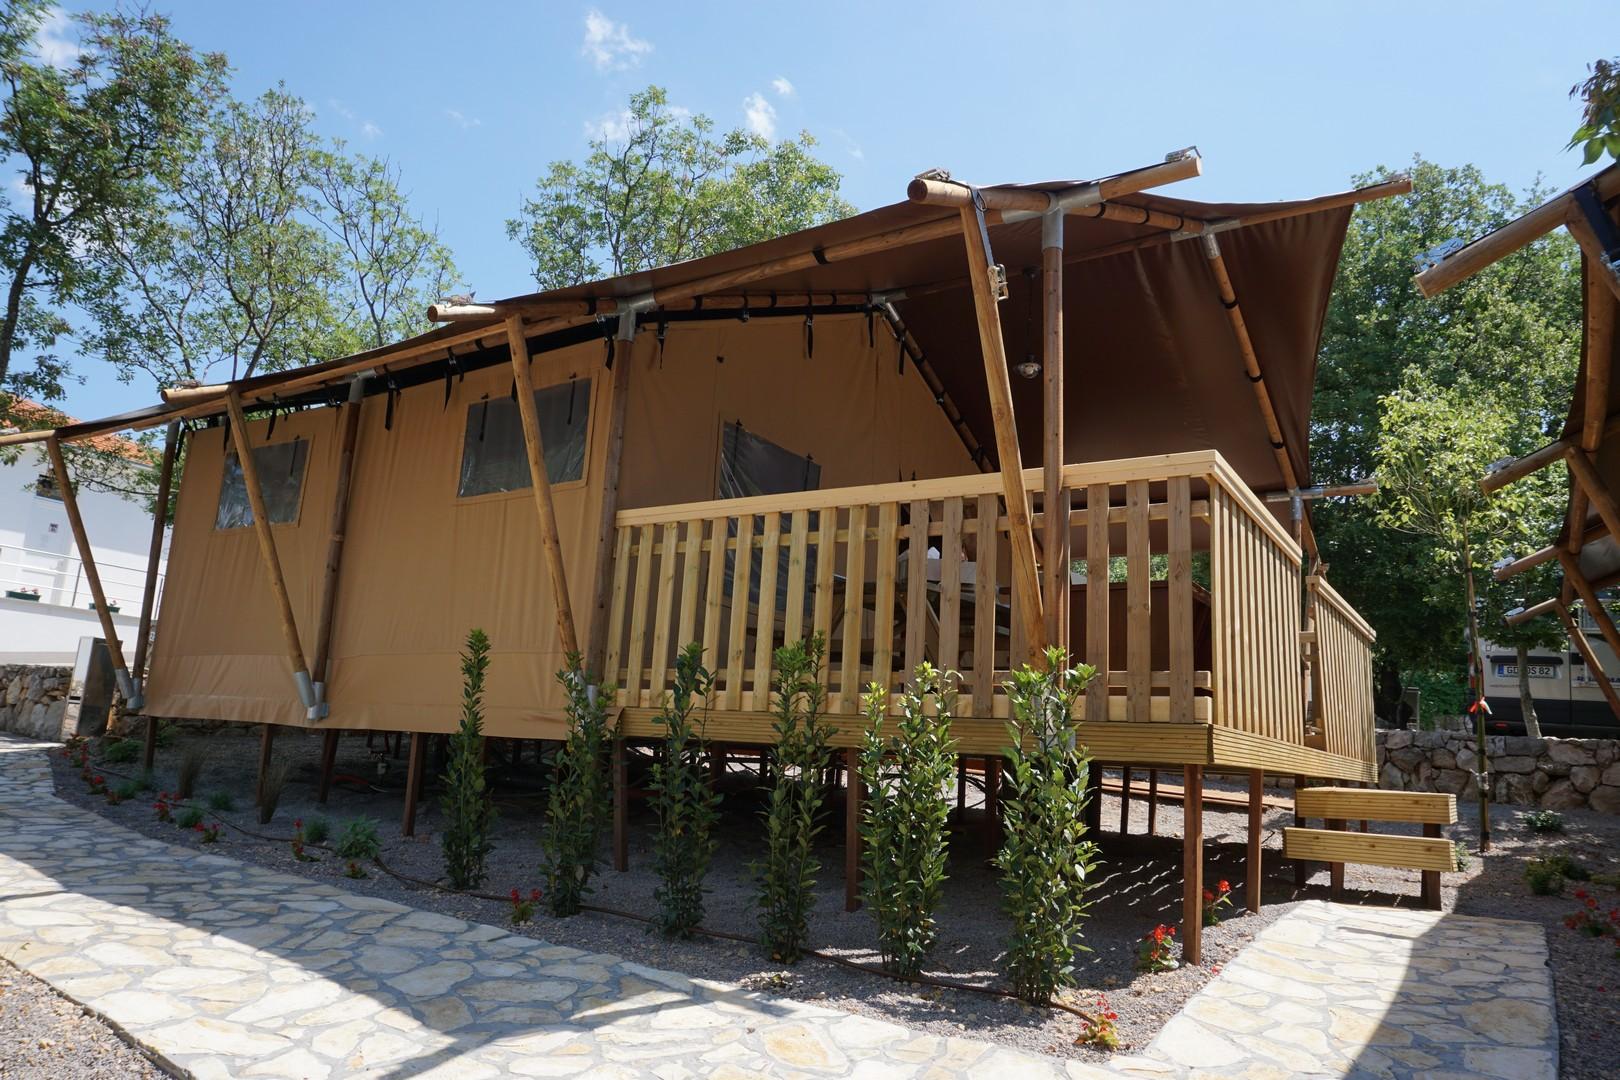 Camping Slamni - Safaritent 4 personen